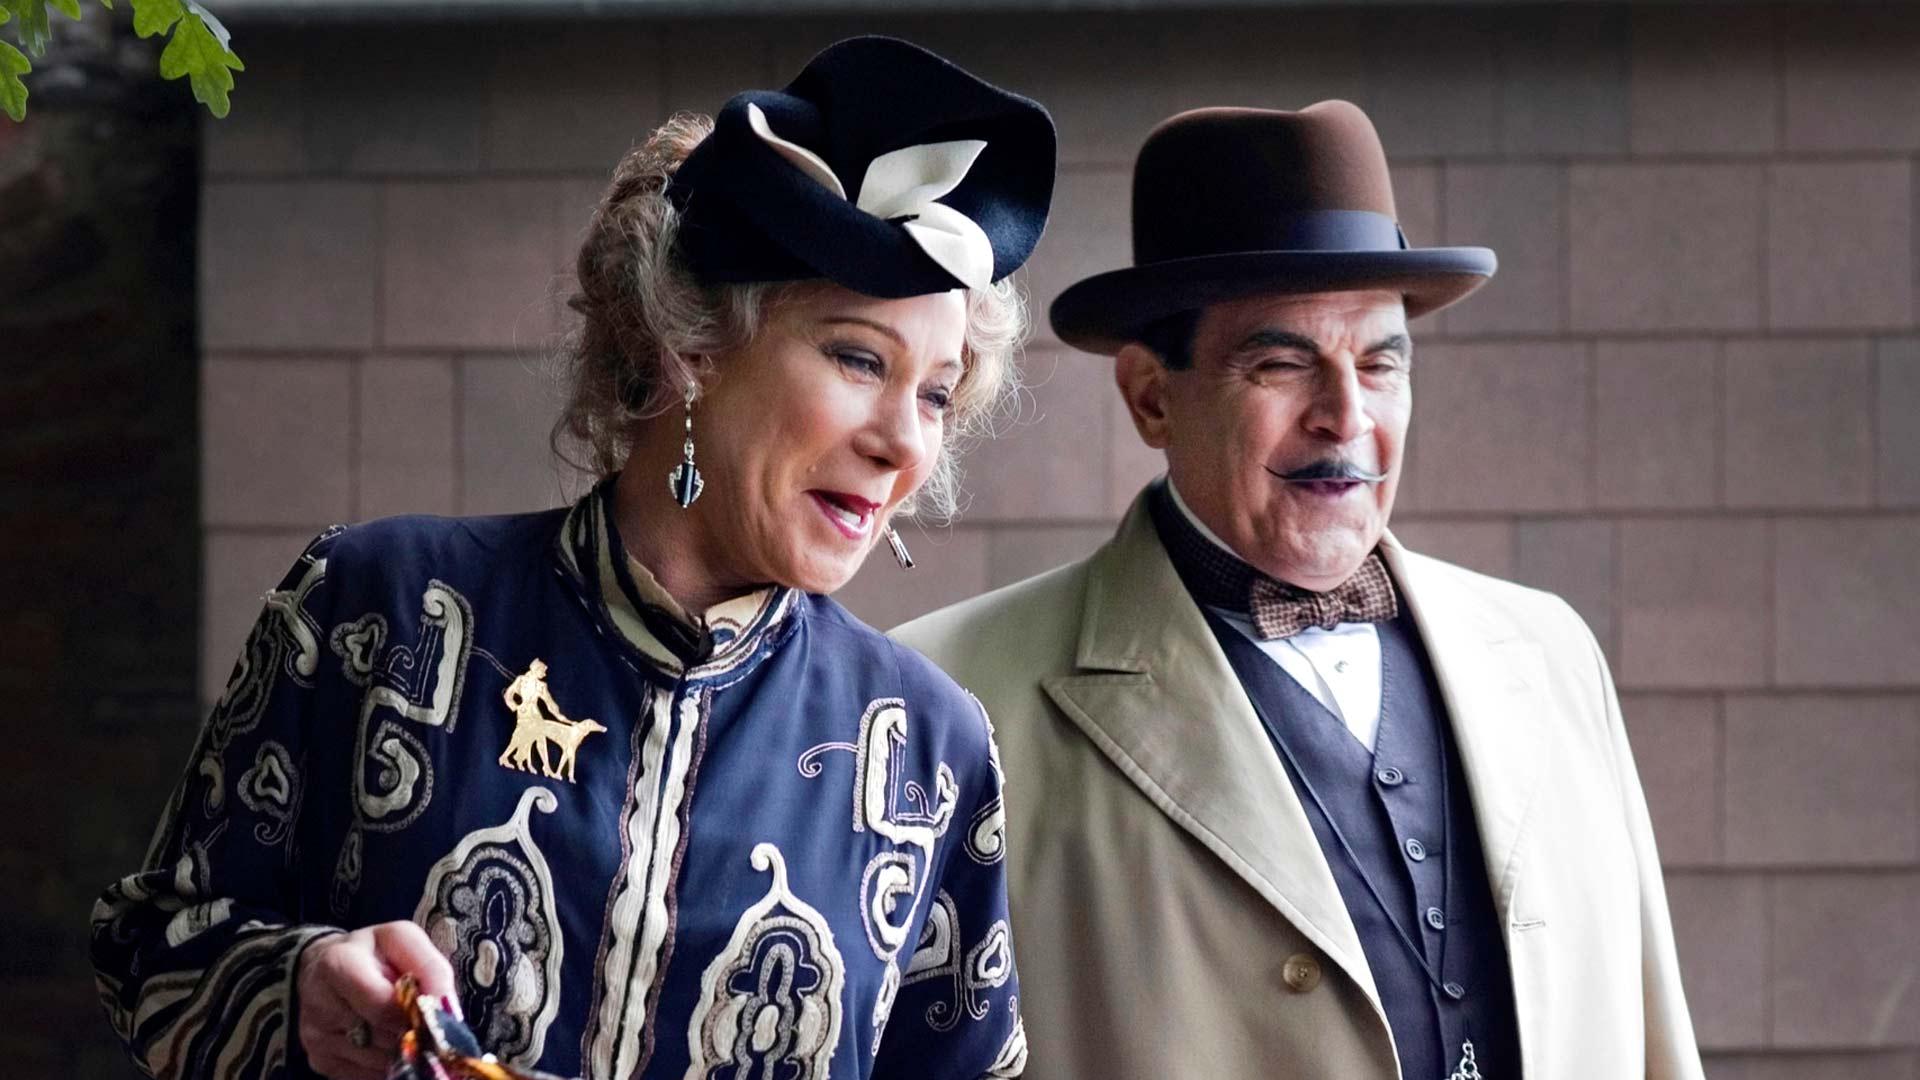 Uusimmissa Poirot-televisiosarjoissa dekkarikirjailija Ariadne Oliveria esitti Zoe Wanamaker.